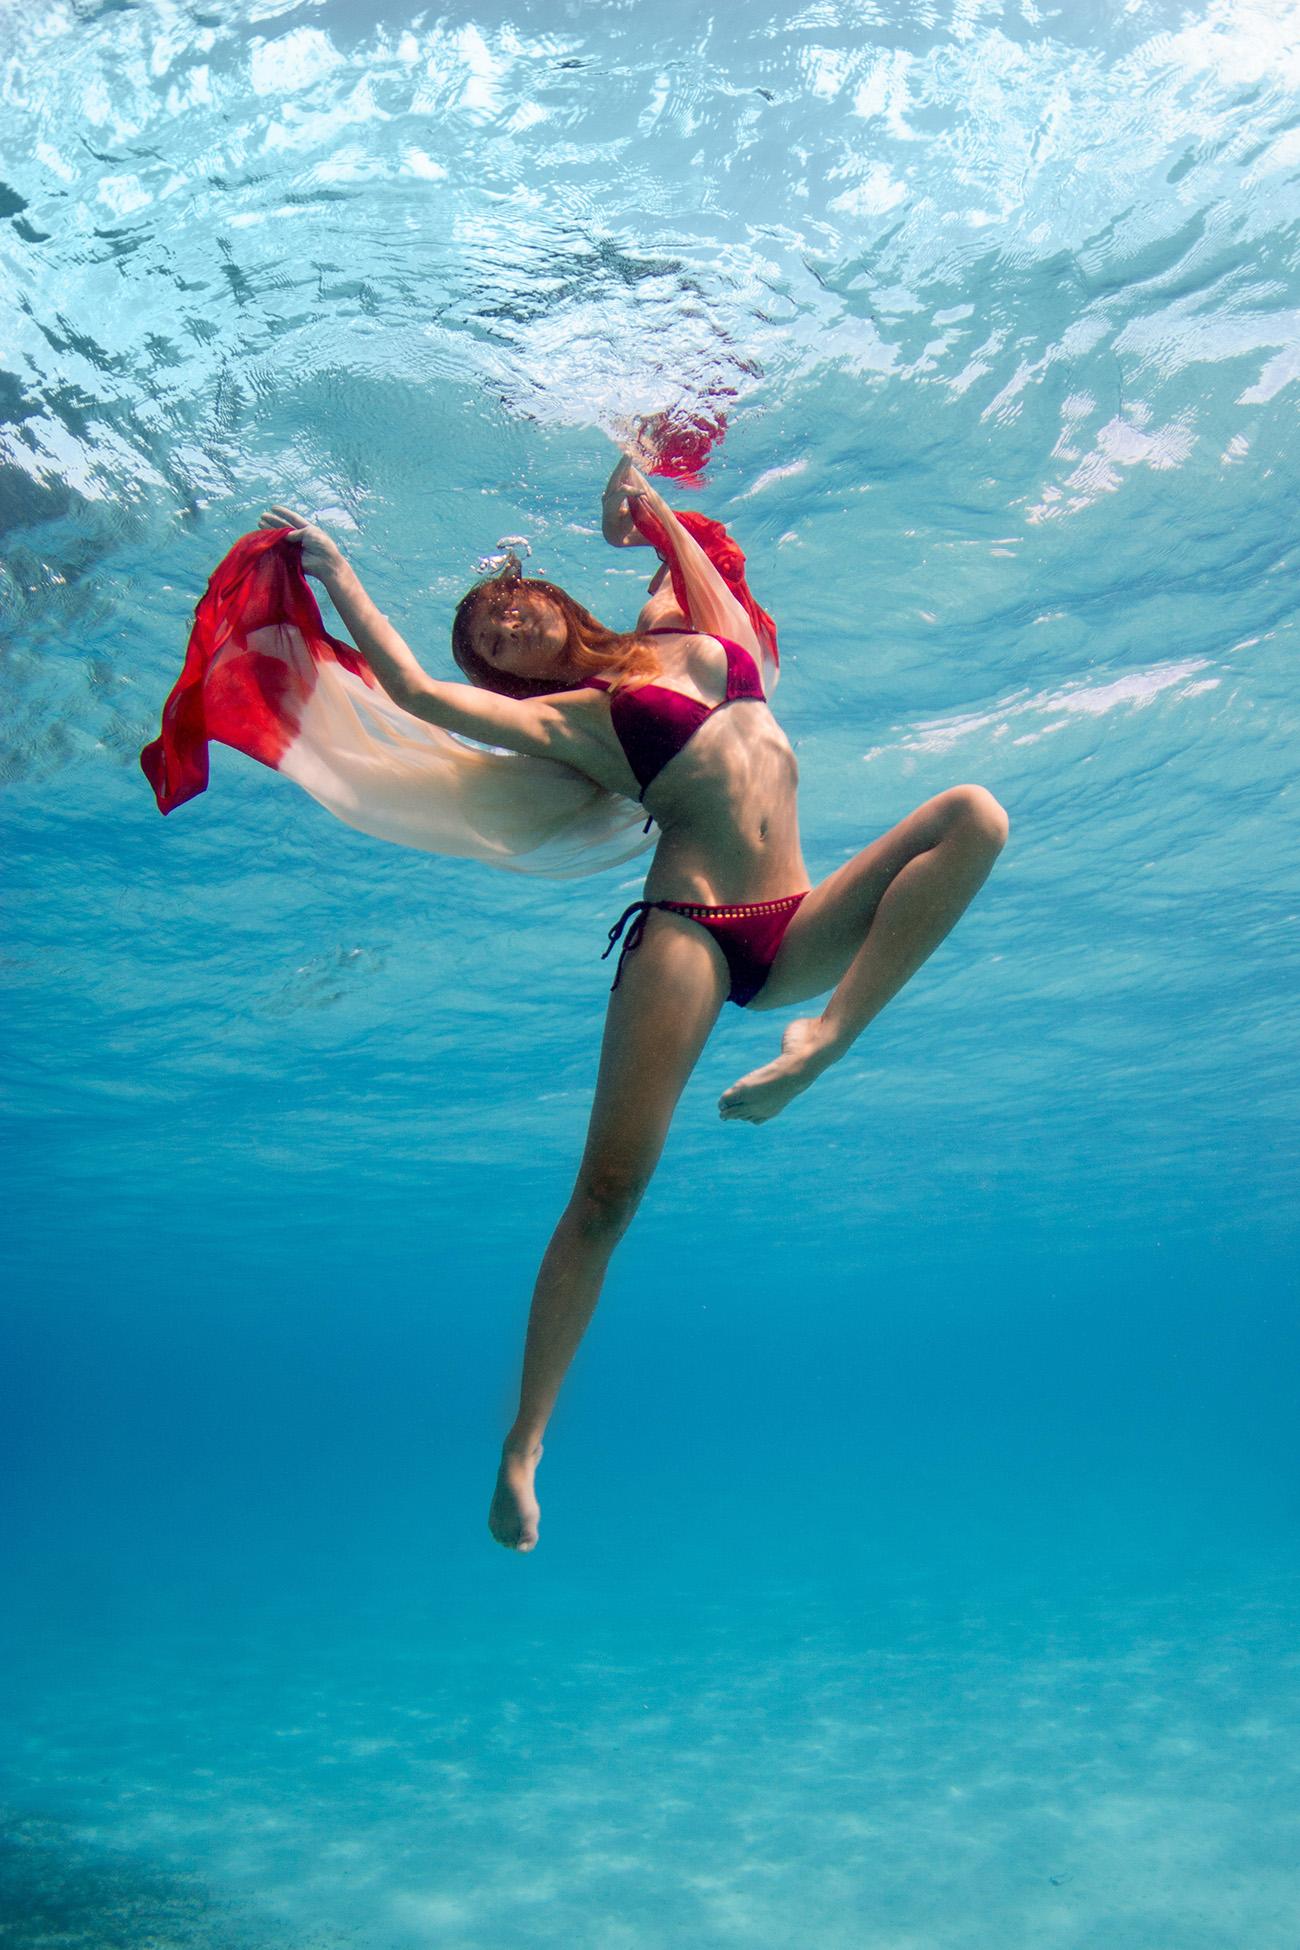 Model woman underwater in Fiji